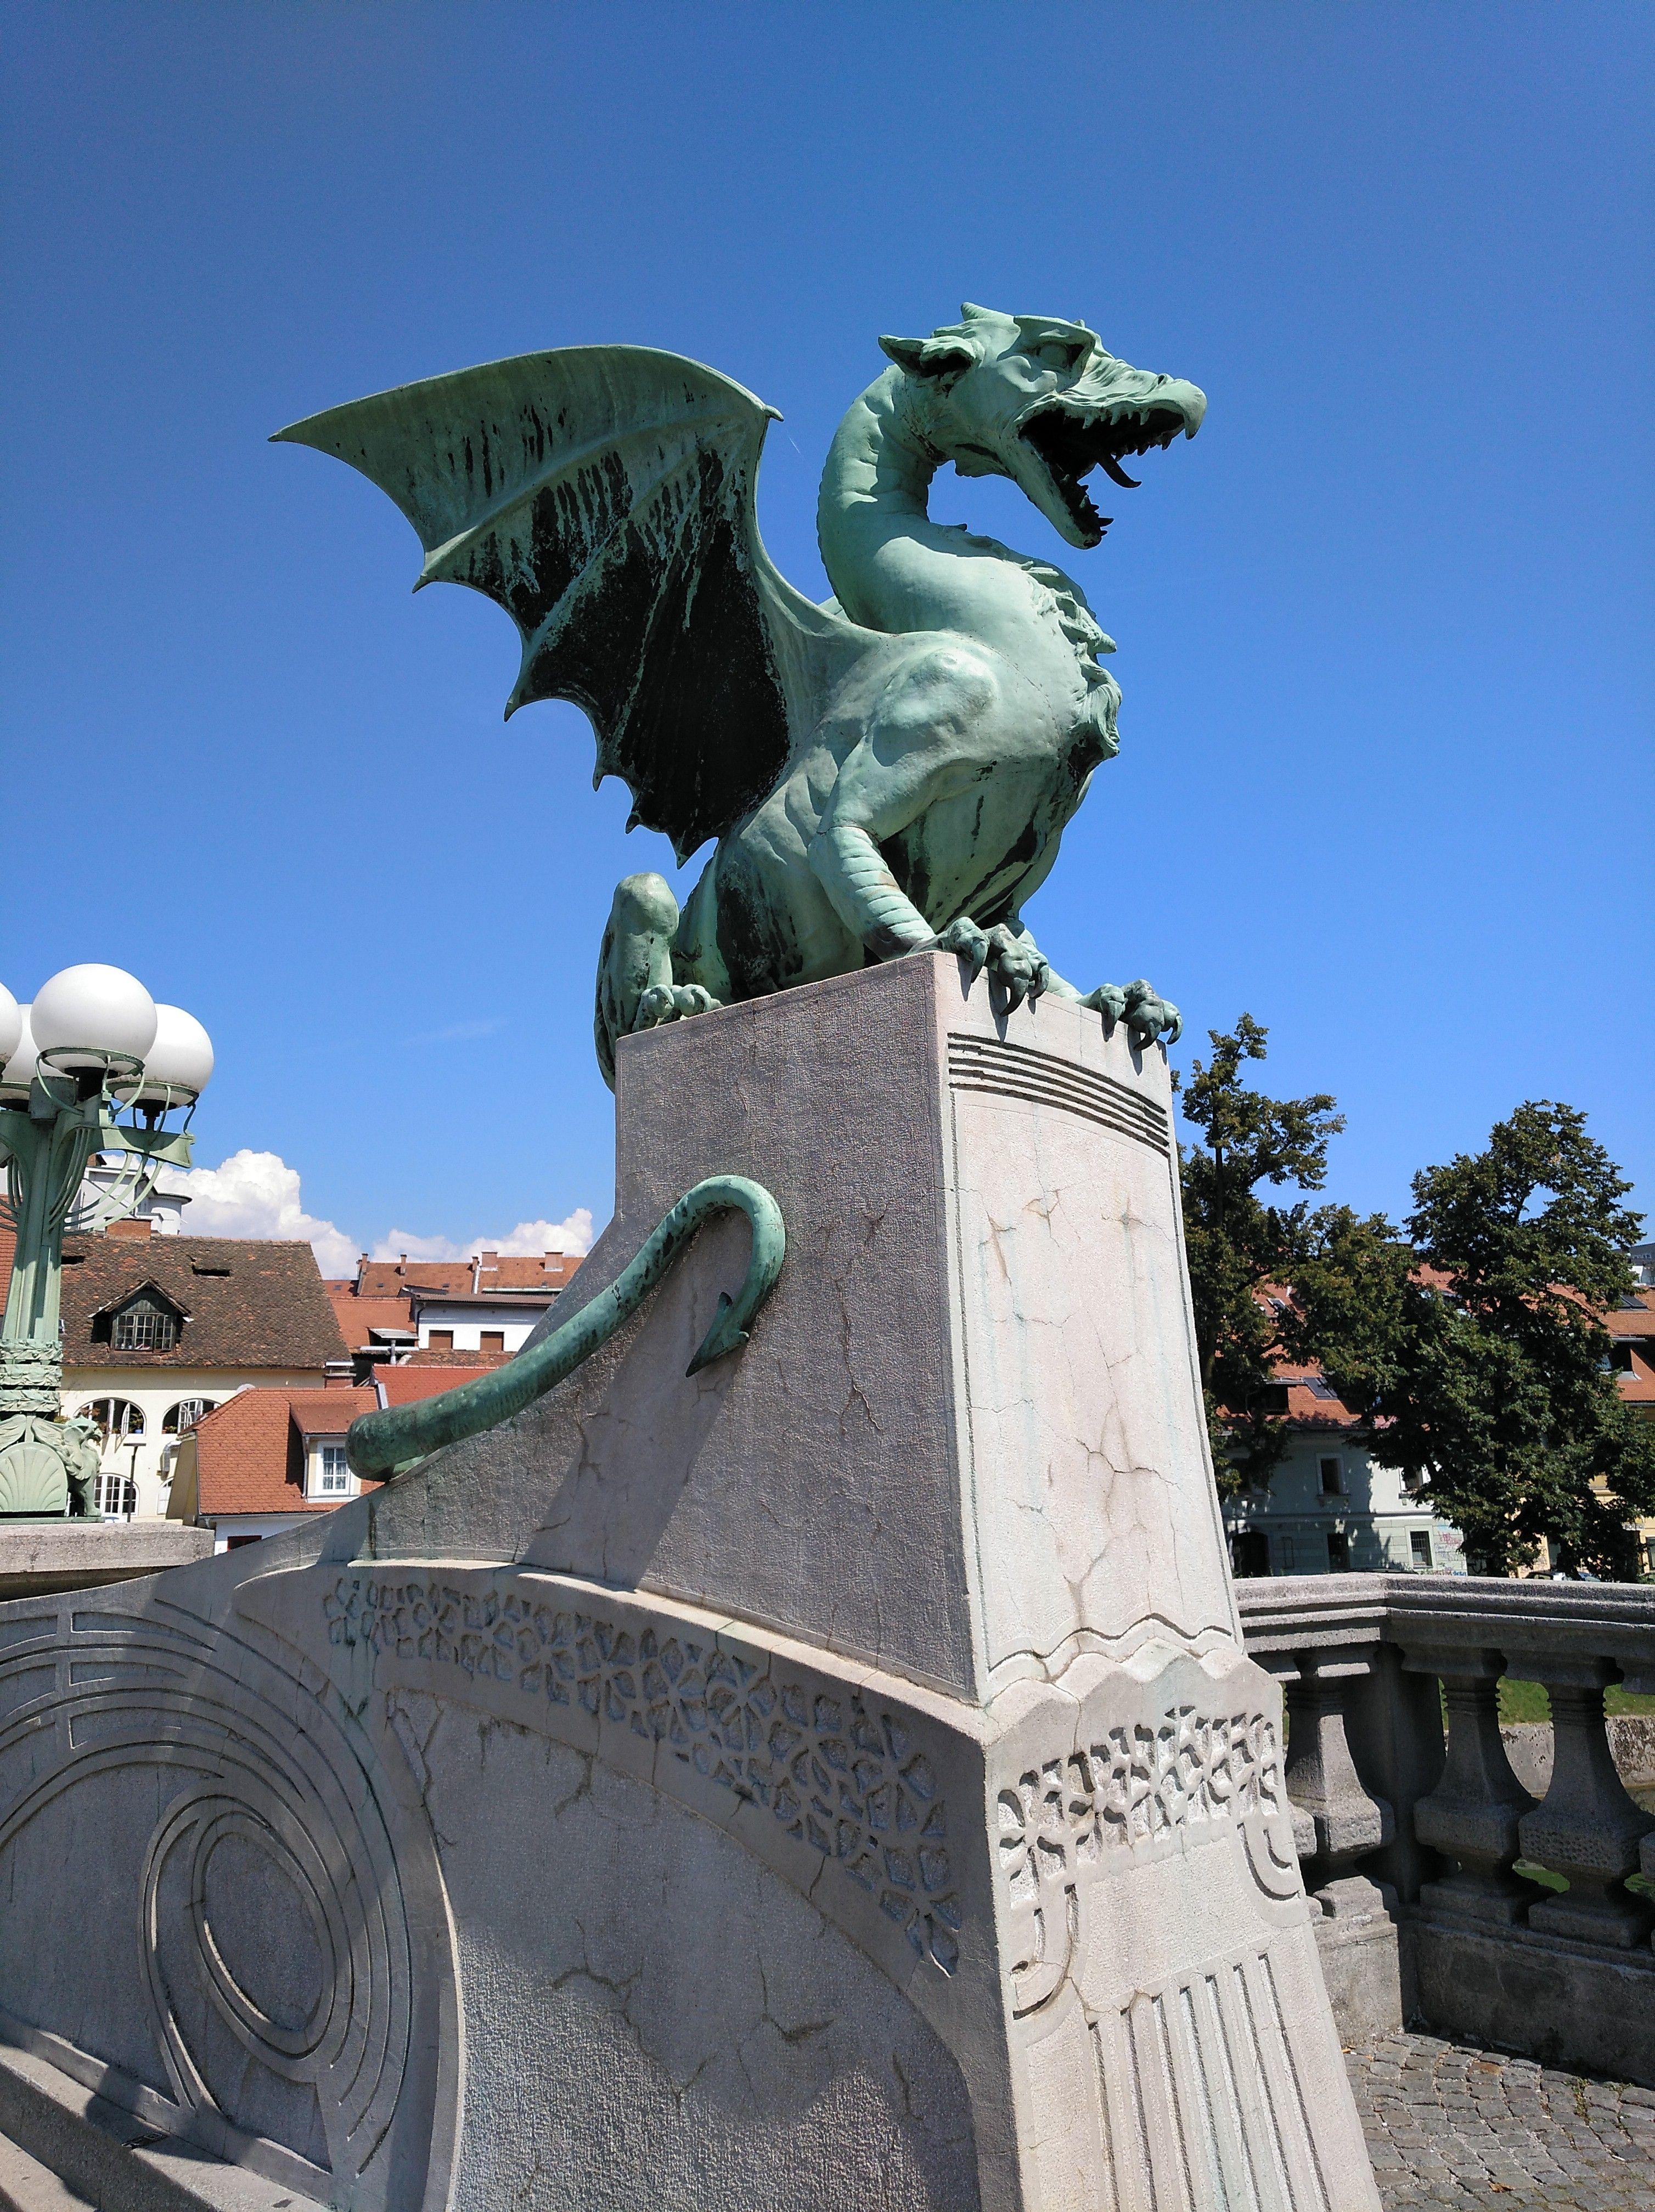 16 Puente De Los Dragones De Liubliana El Puente De Los Dragones